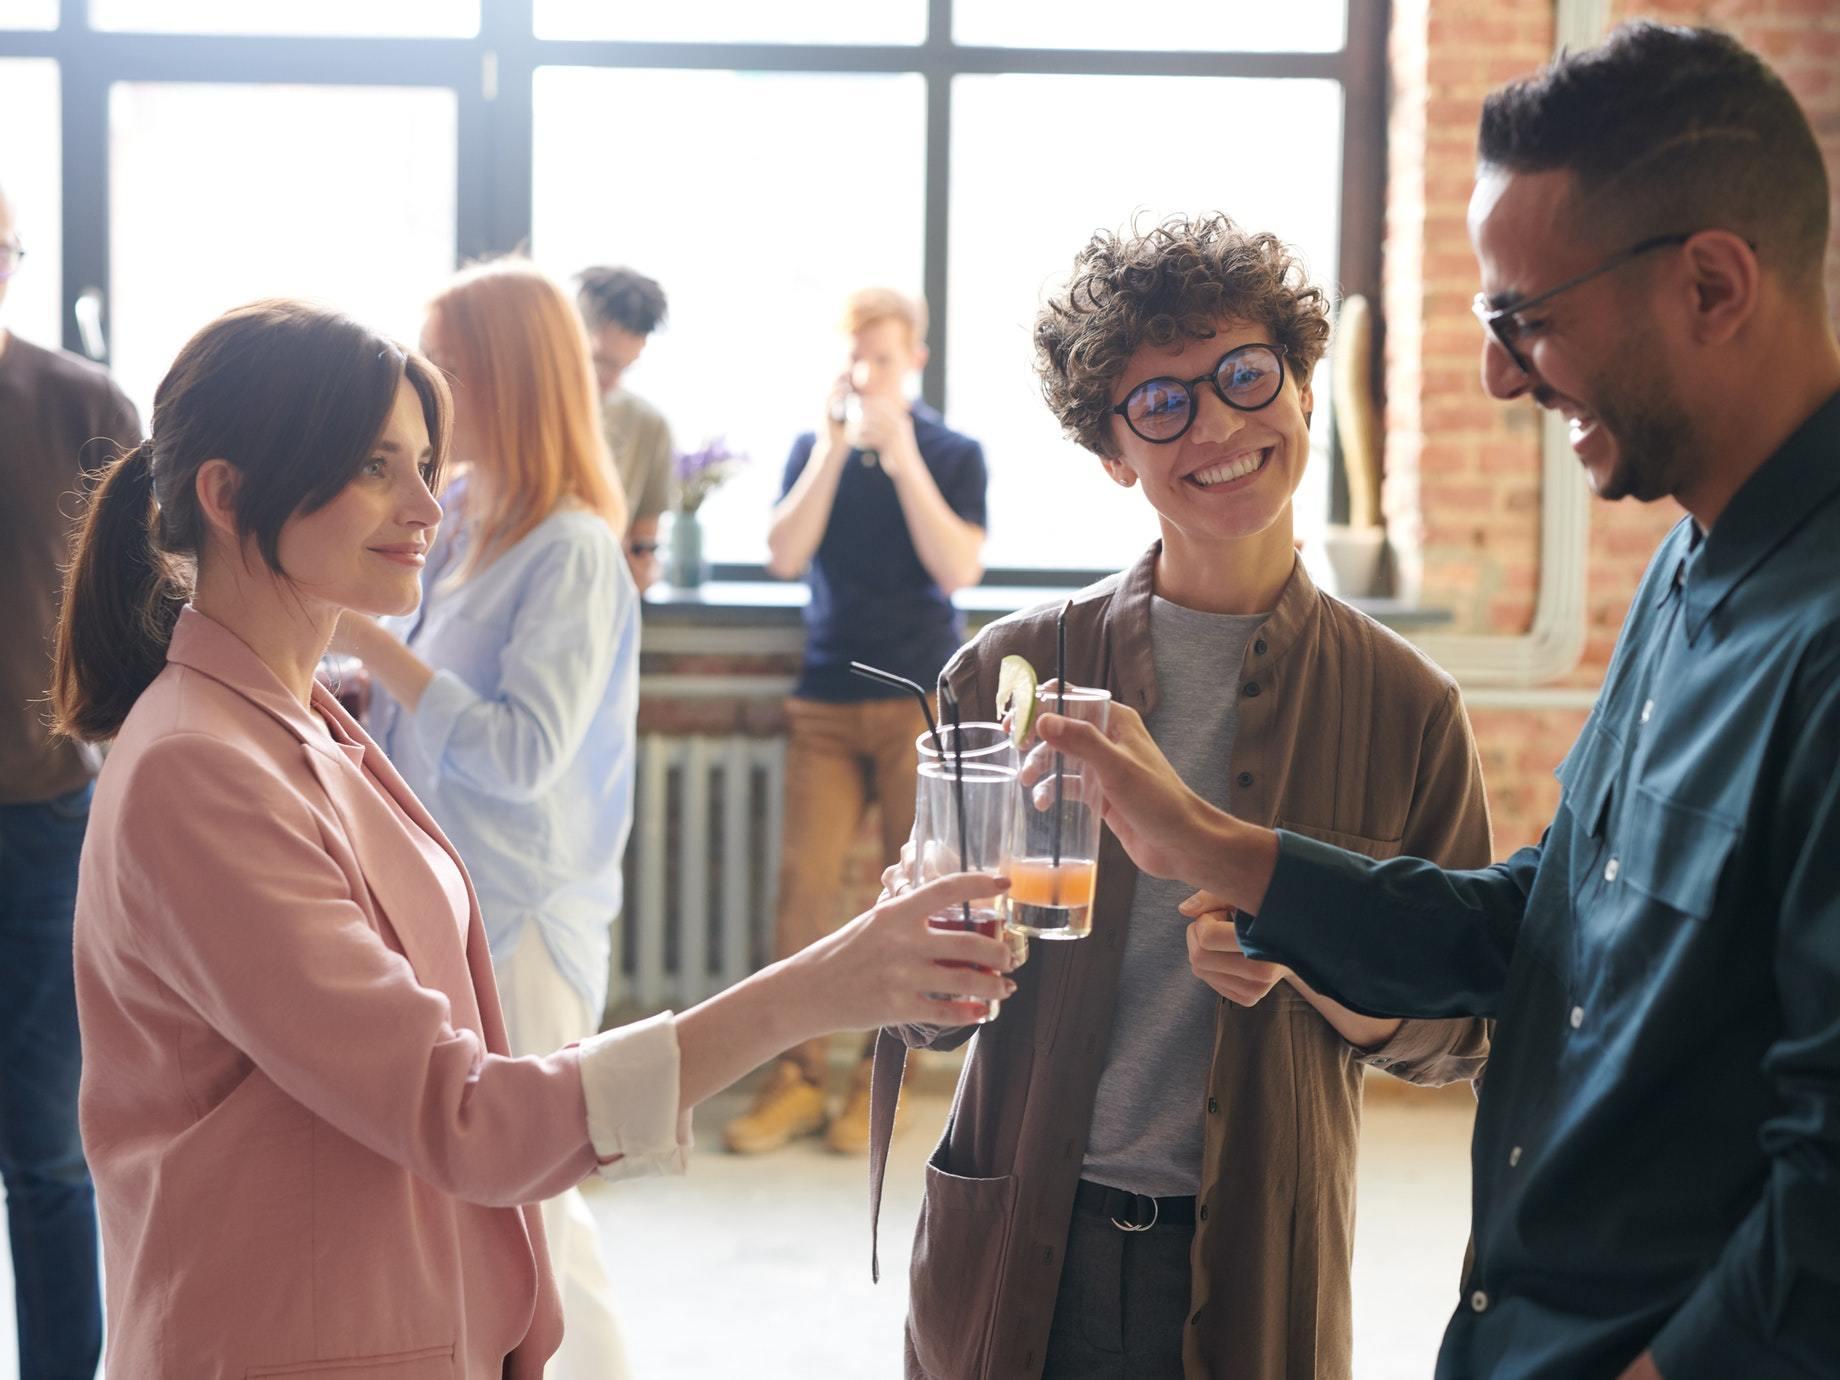 芝加哥大學教授告訴你:閒聊是種軟實力,4種漫談技巧為你獲得意想不到的機會!